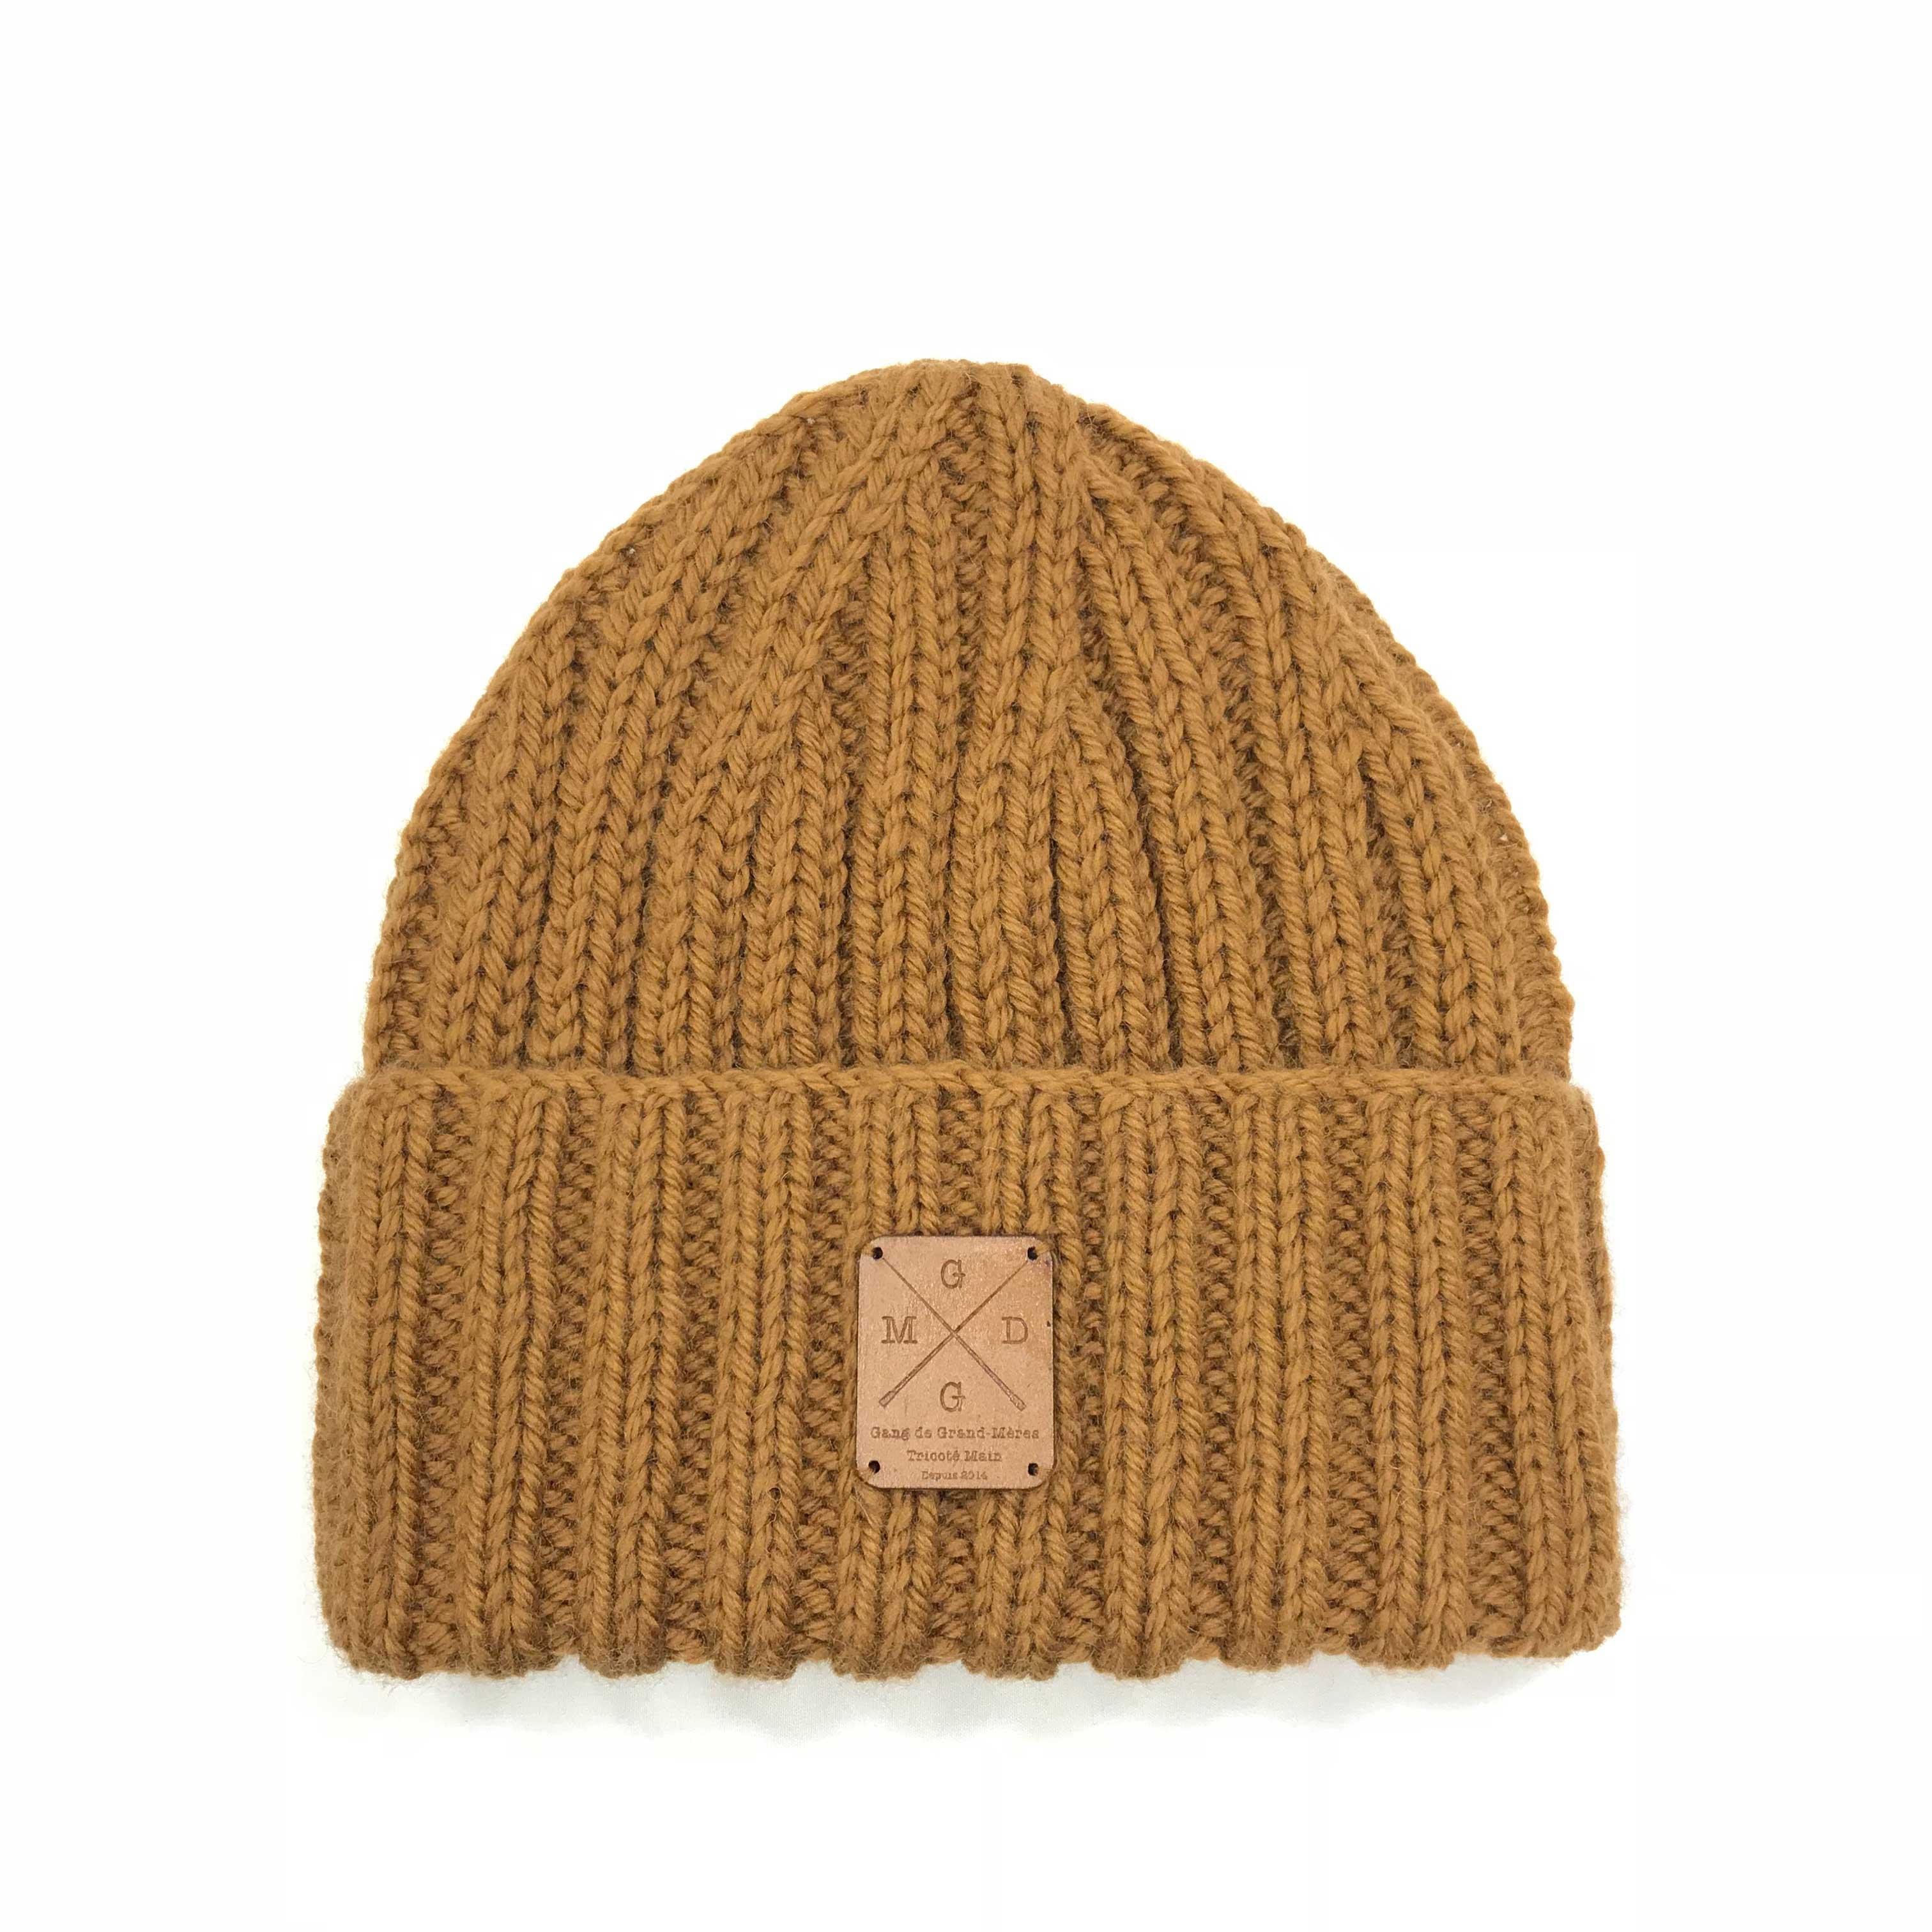 5e55e4ac31 5 h, c'est le temps passé par Chantal, Maryse ou encore Christiane, les  tricoteuses du GANG DE GRAND MÈRE, pour vous confectionner ce bonnet stylé  avec une ...